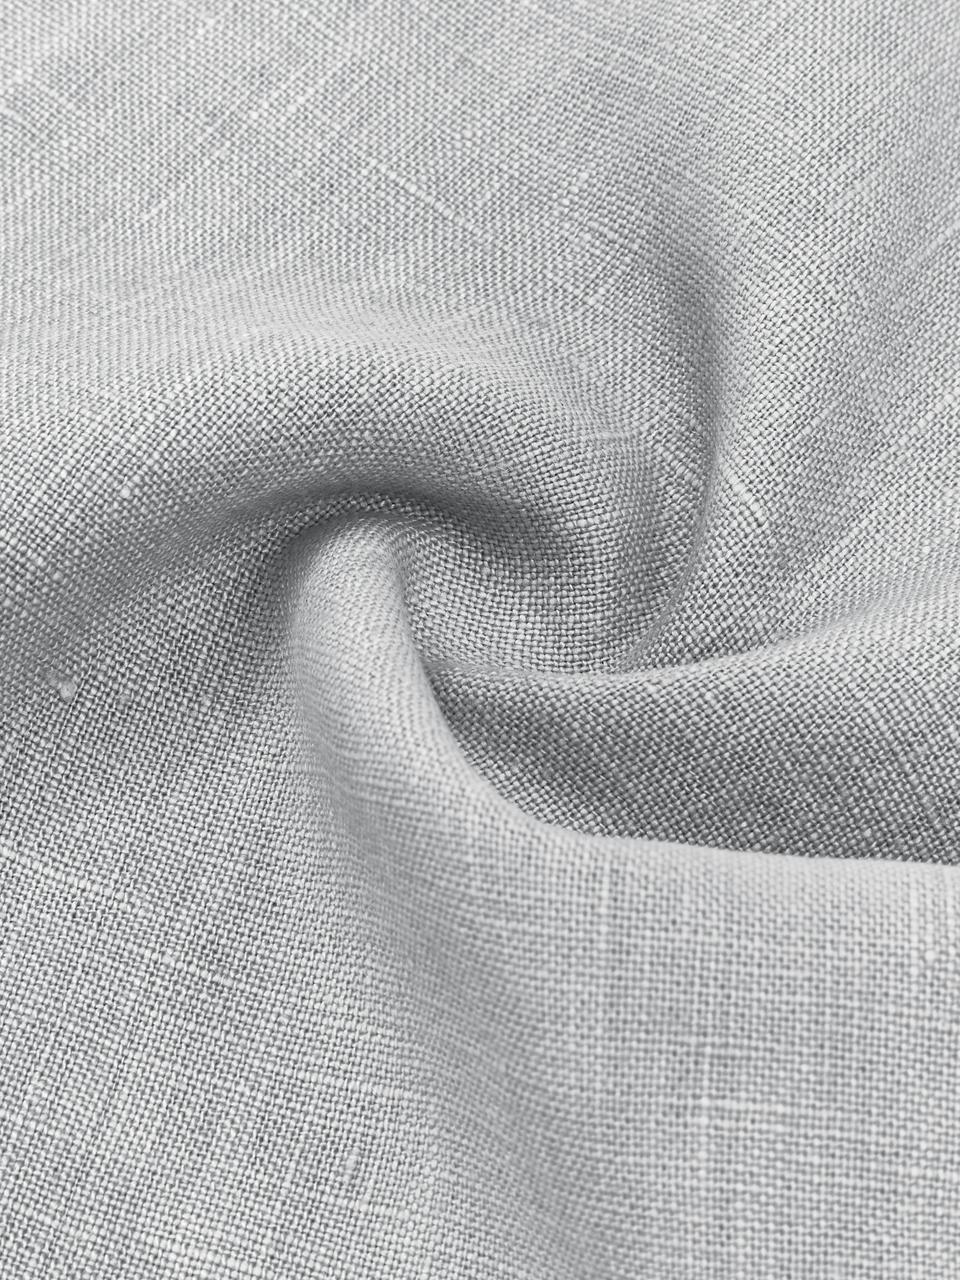 Leinen-Kissenhülle Luana in Hellgrau mit Fransen, 100% Leinen, Hellgrau, 40 x 40 cm